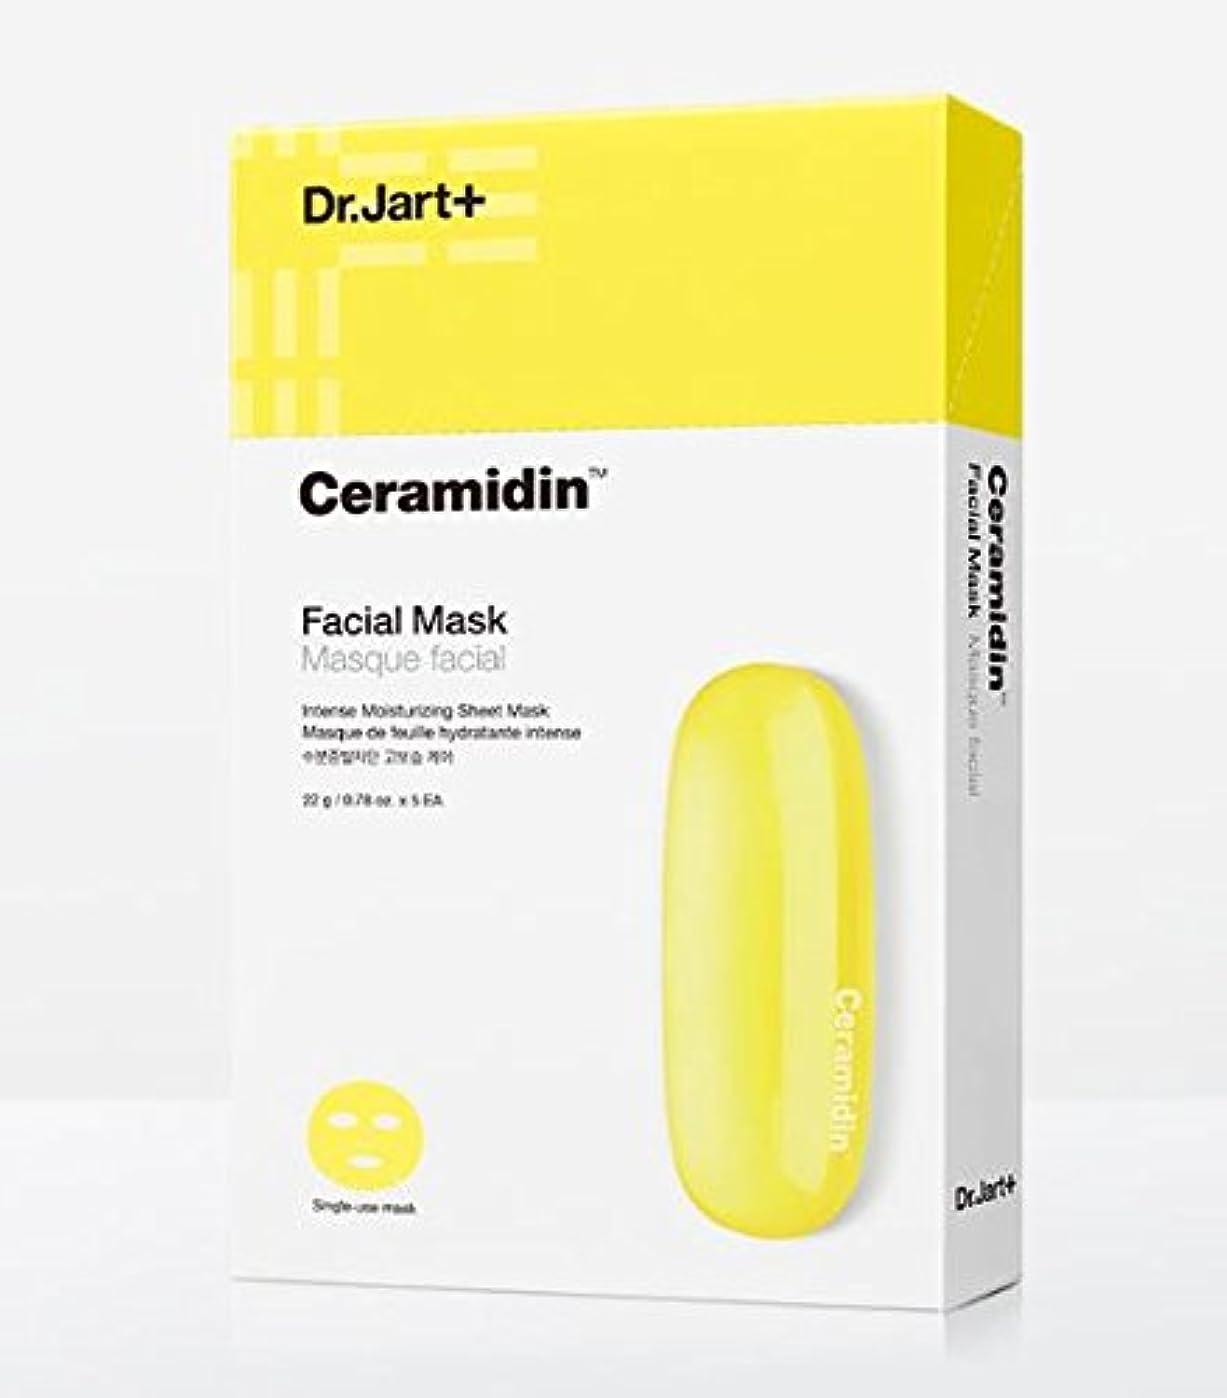 マーティフィールディング不適逃げる[韓国コスメ Dr.Jart+] Ceramidin Mask ドクタージャルト セラマイディンマスク(10枚) [並行輸入品]